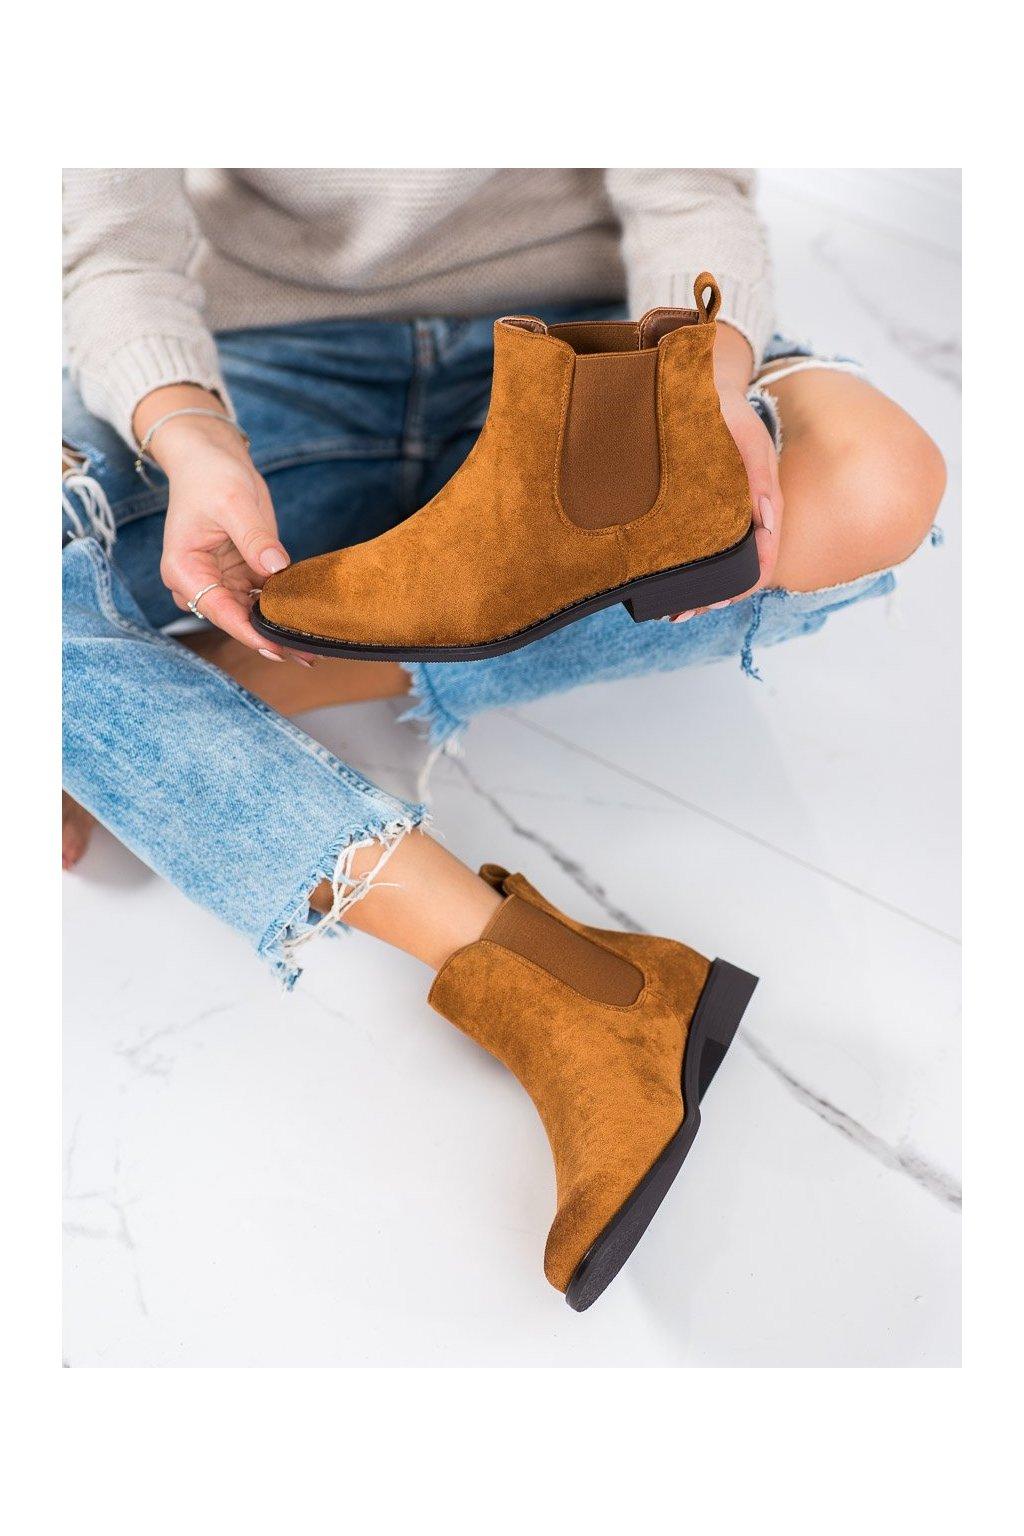 Hnedé dámske topánky Ideal shoes kod 8310C